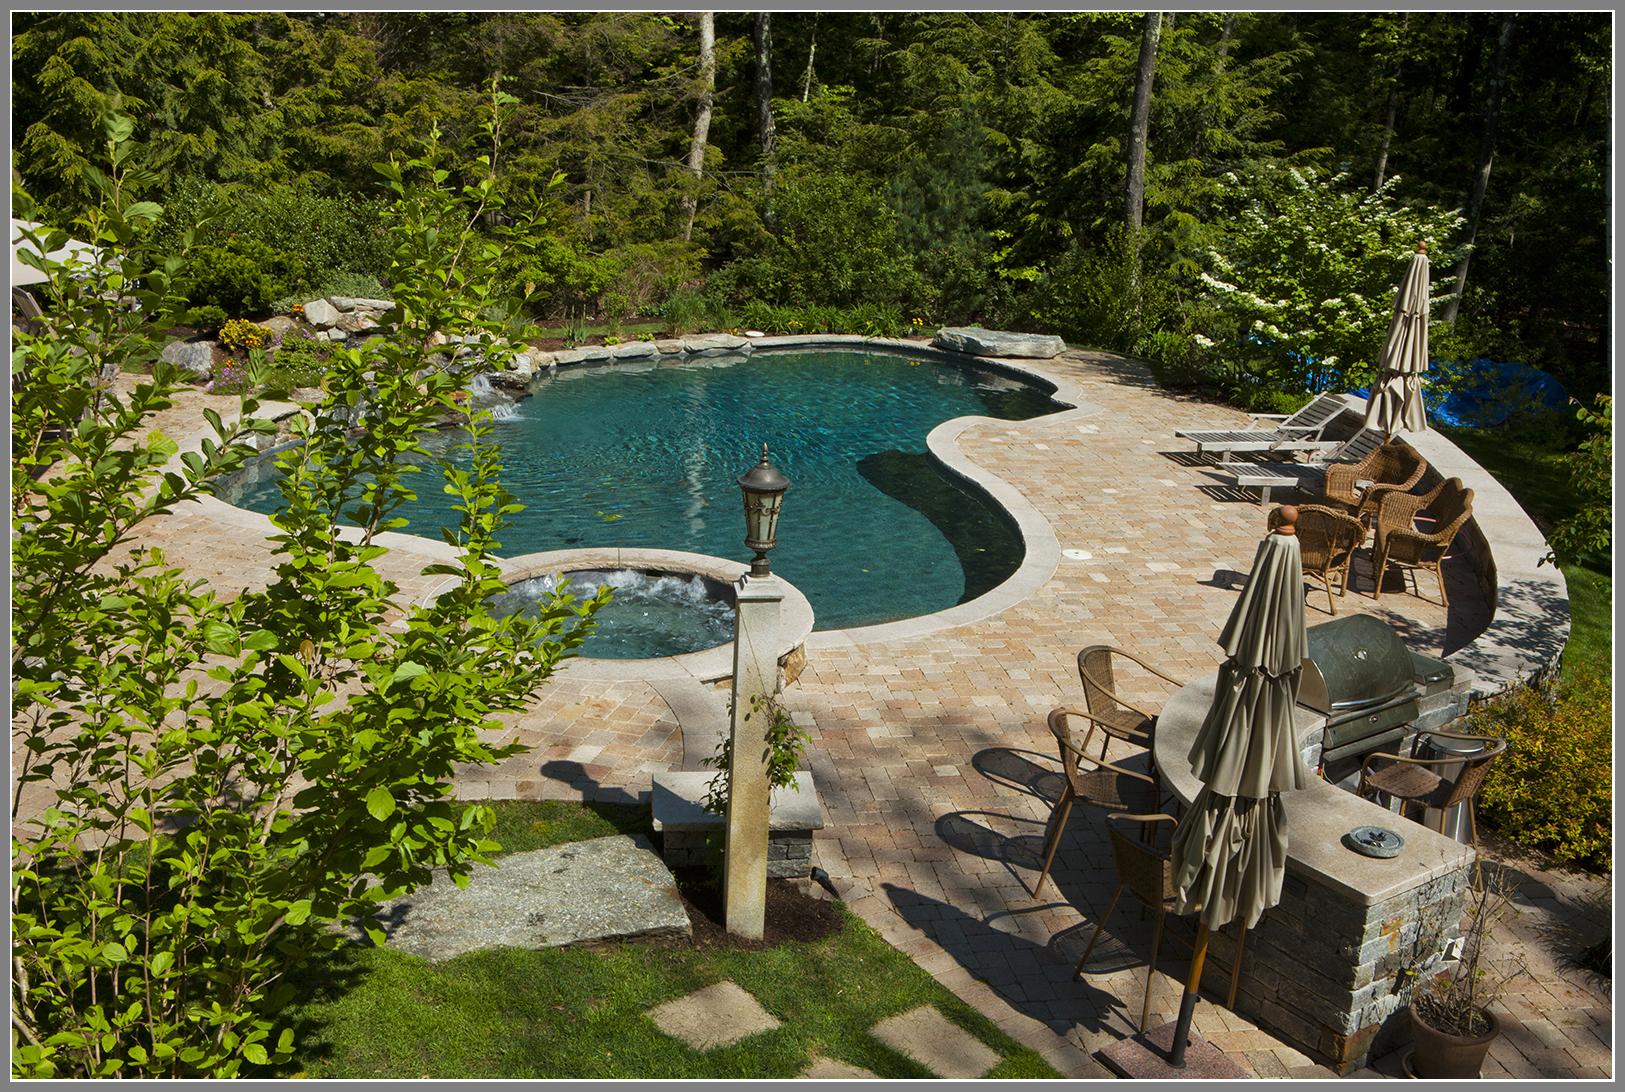 More than a pool-a backyard paradise